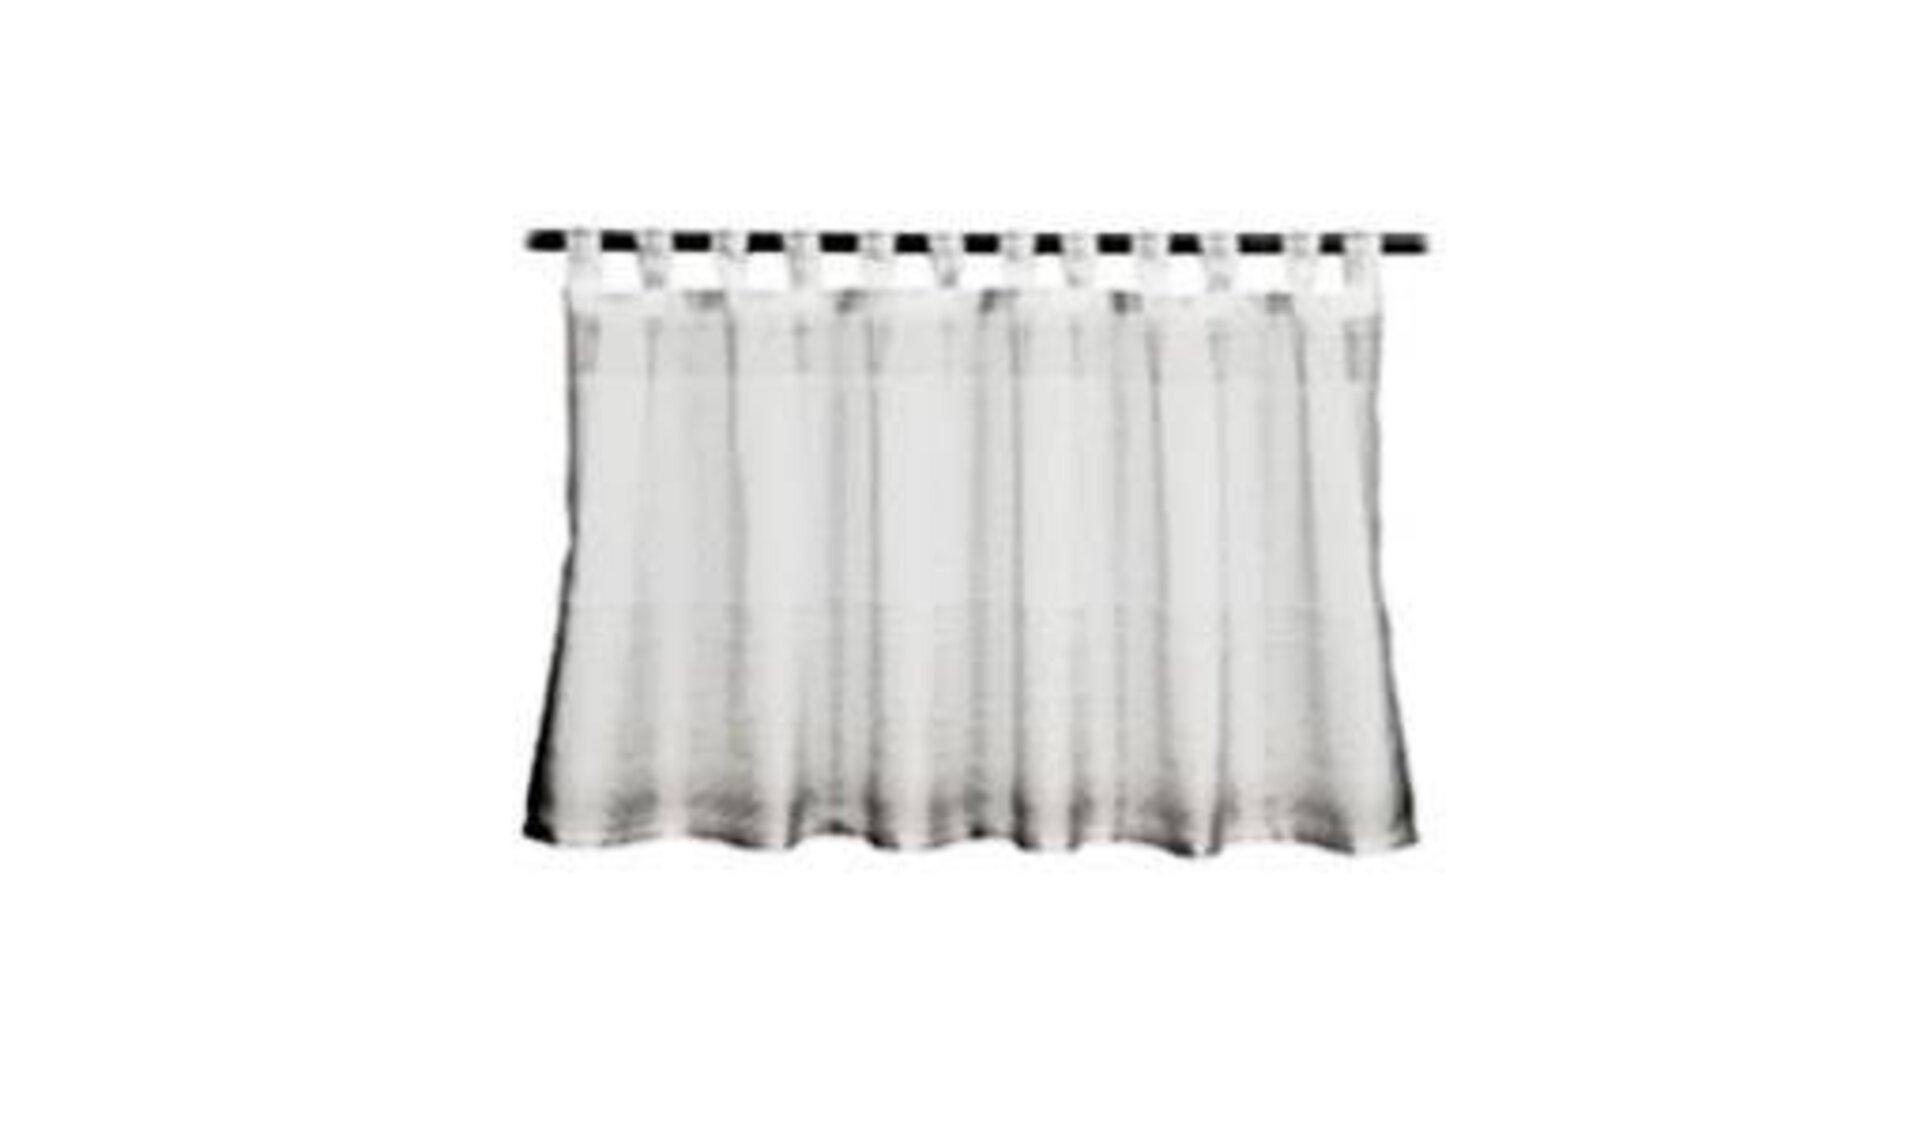 Panneaux ist eine halbhohe Gardine. Das Icon hier zeigt einen weißen, in Falten gelegten Vorhang an einer Gardinenstange.